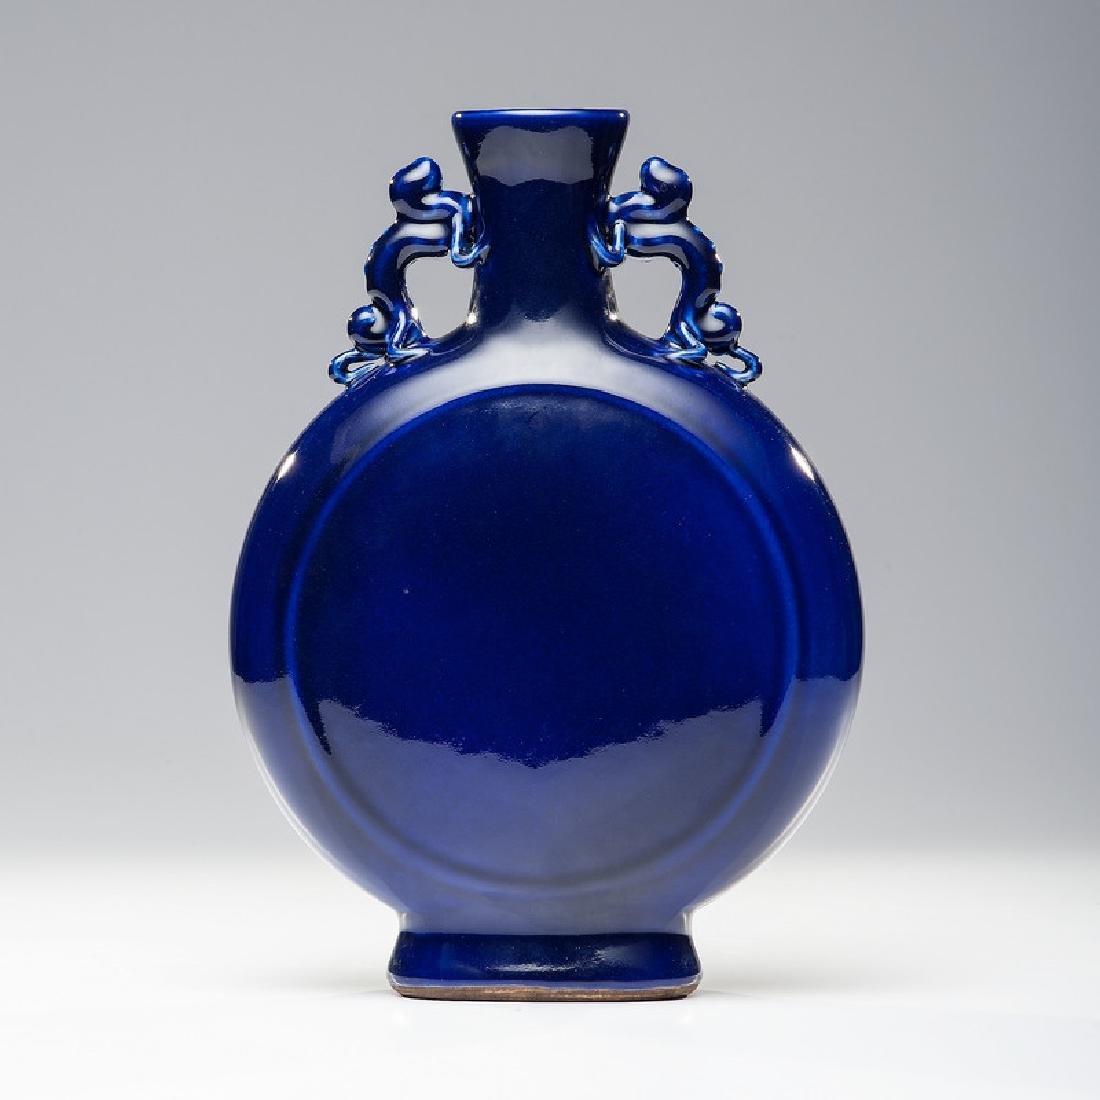 Chinese Porcelain Blue Flask Form Vase